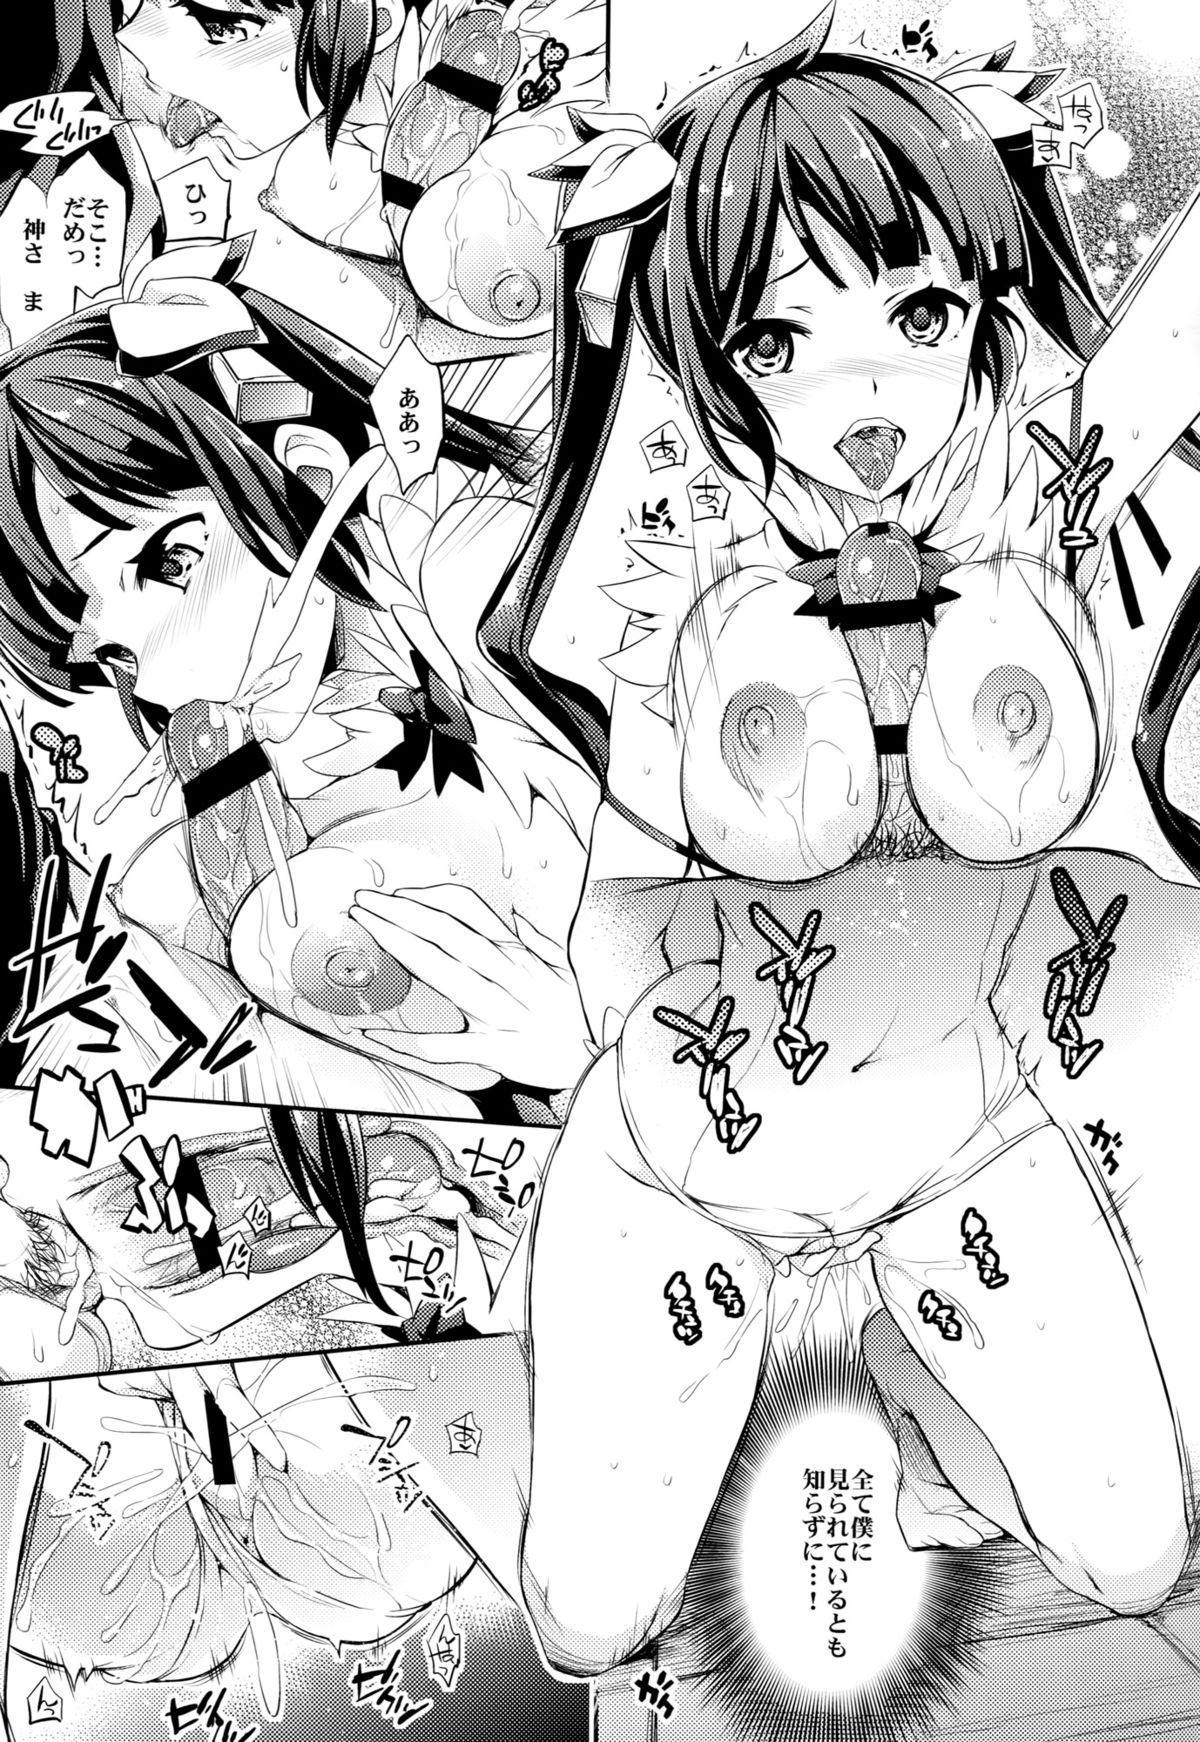 (COMIC1☆9) [Crazy9 (Ichitaka)] C9-19 Kami-sama to Suiminkan (Dungeon ni Deai o Motomeru no wa Machigatteiru Darou ka) 7